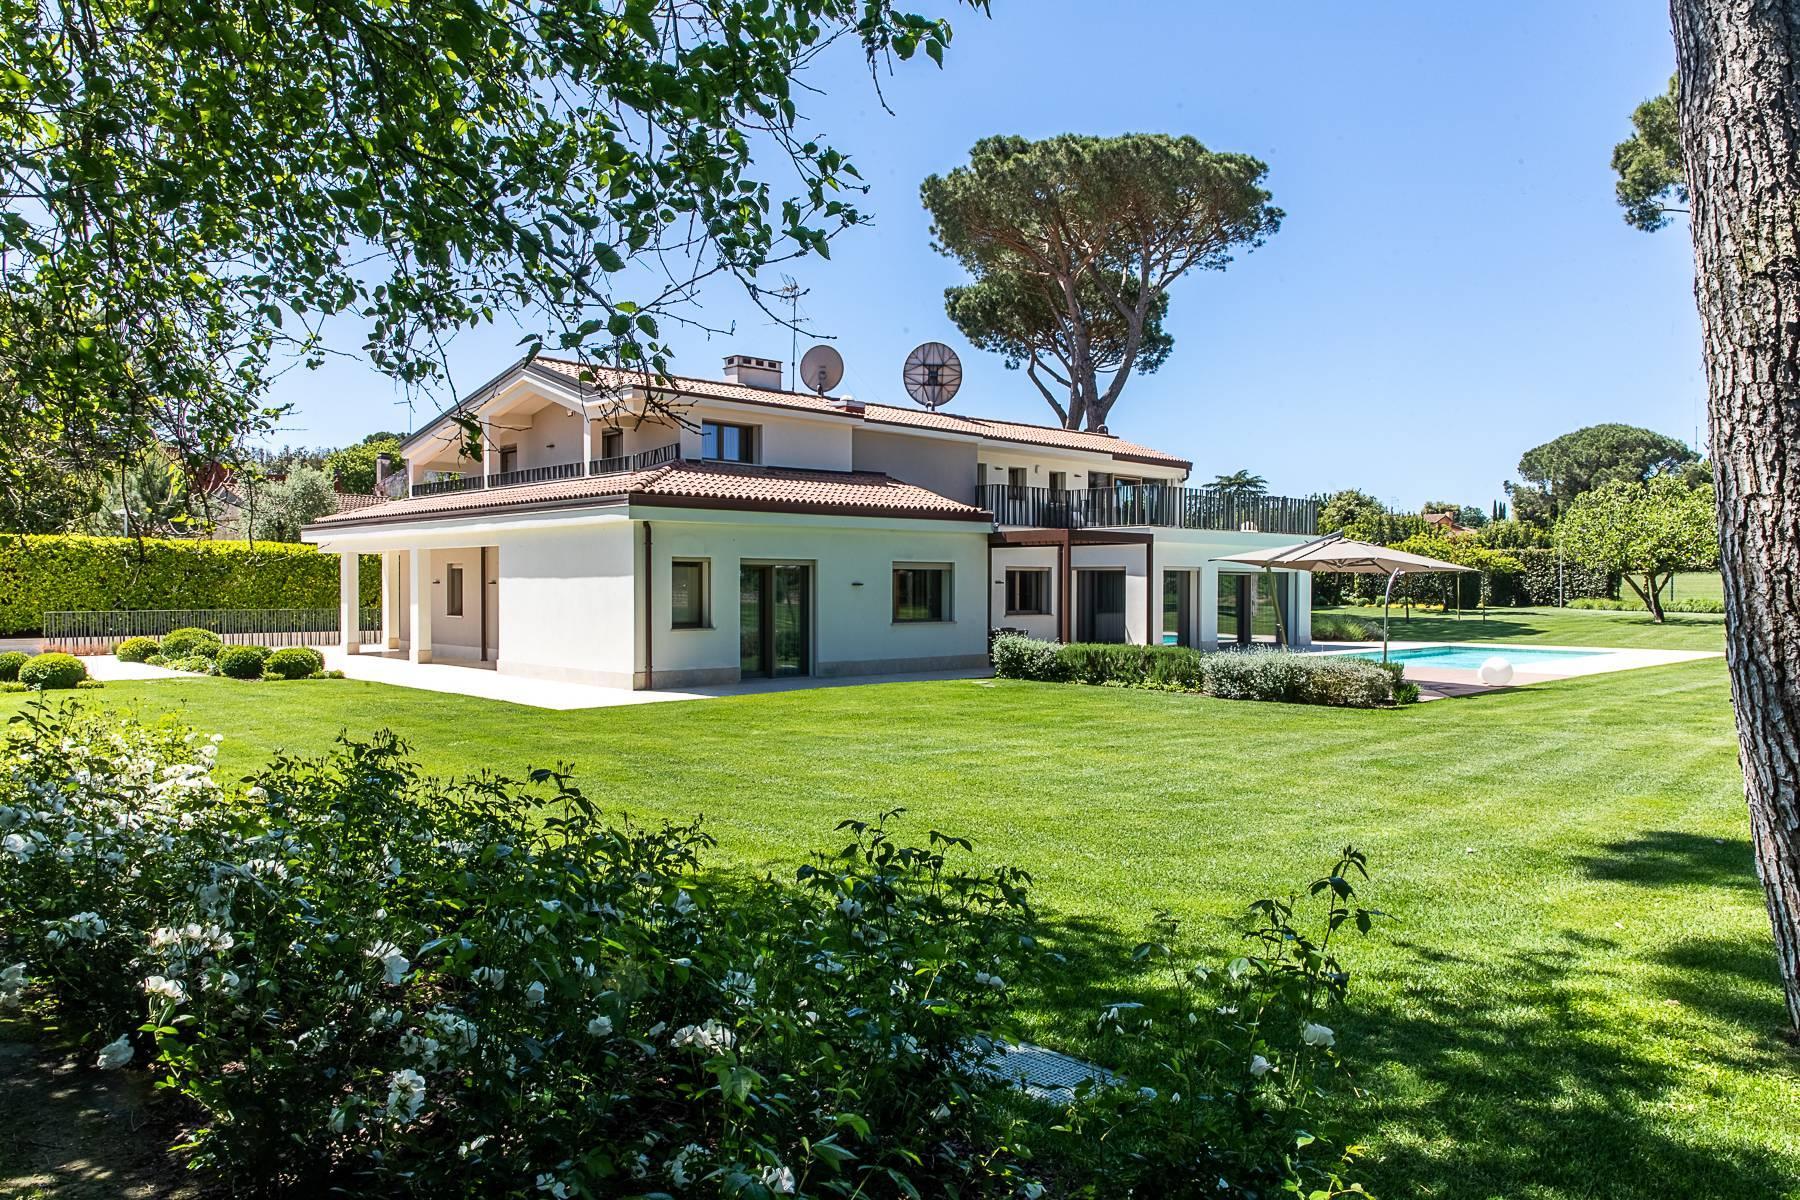 Splendida villa dal gusto contemporaneo con piscina all'Olgiata - 51